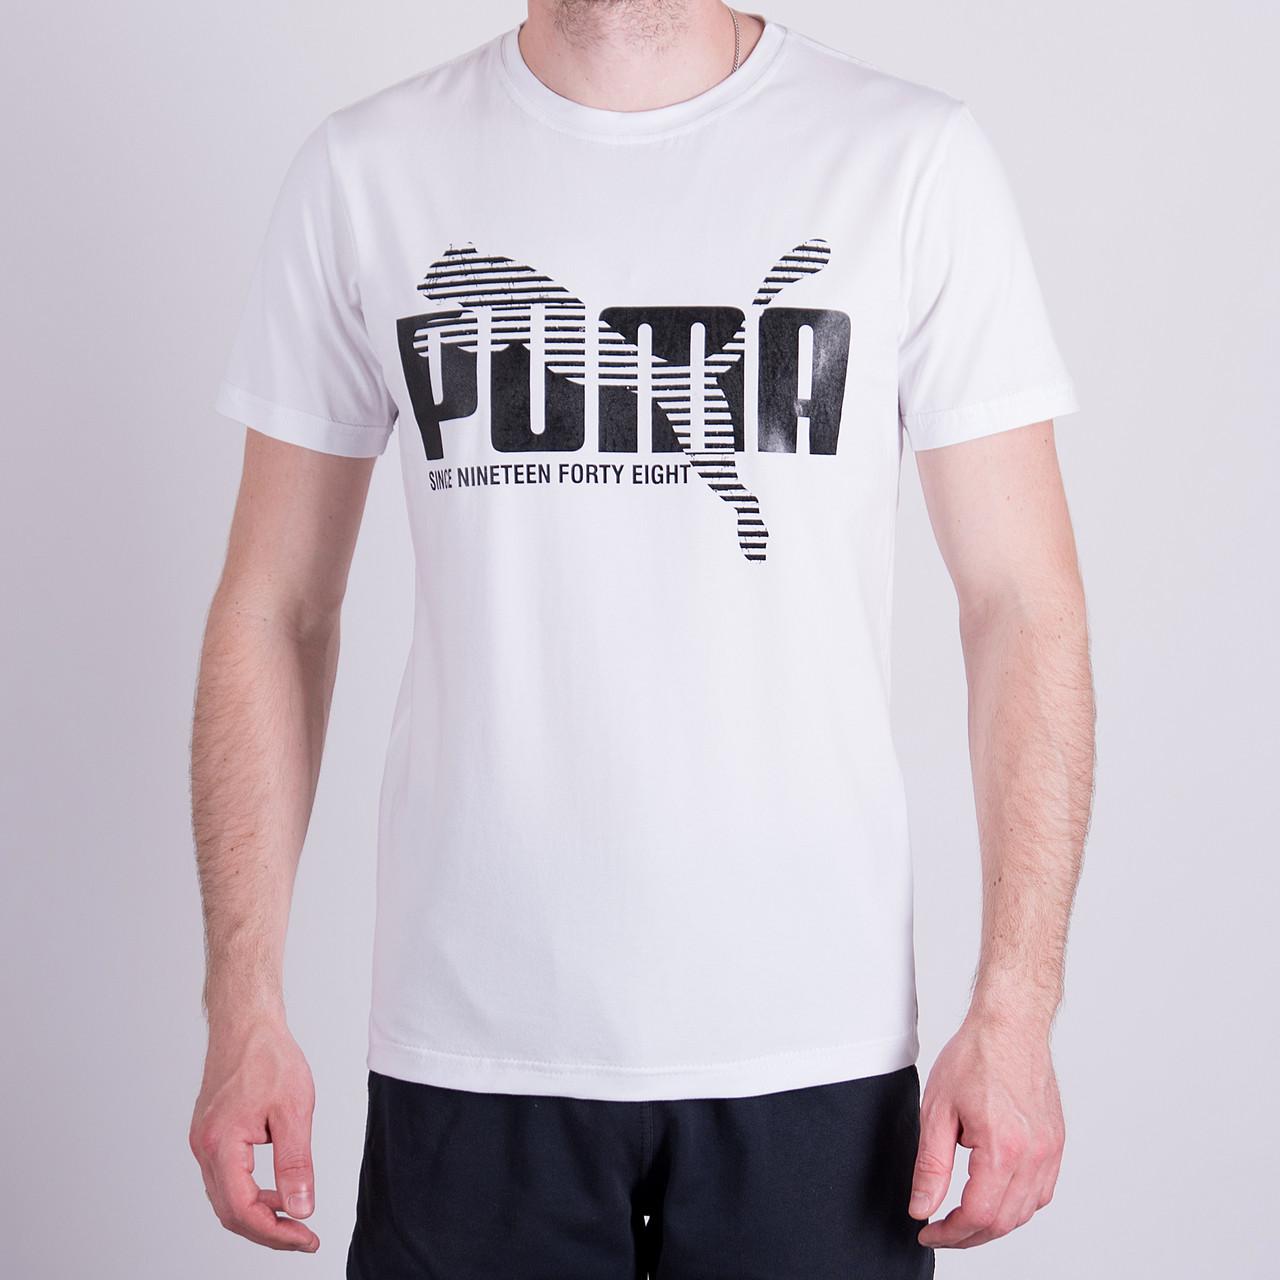 Чоловіча футболка Puma, білого кольору